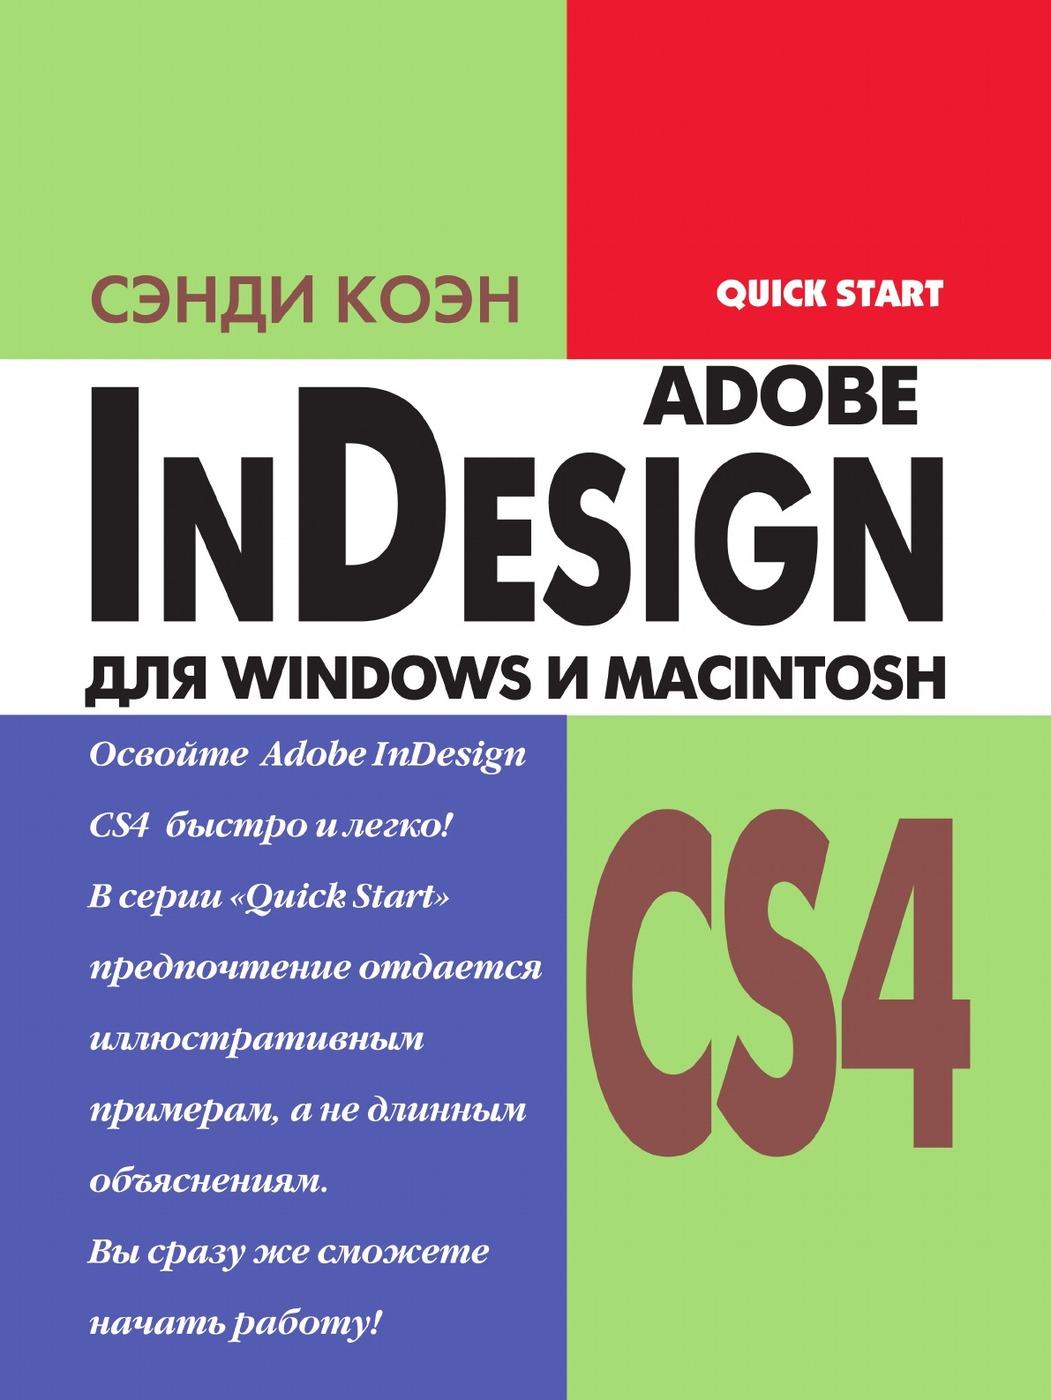 С. Коэн InDesign CS4 для Windows и Macintosh коэн сэнди секреты компьютерной верстки в indesign для windows и мacintosh